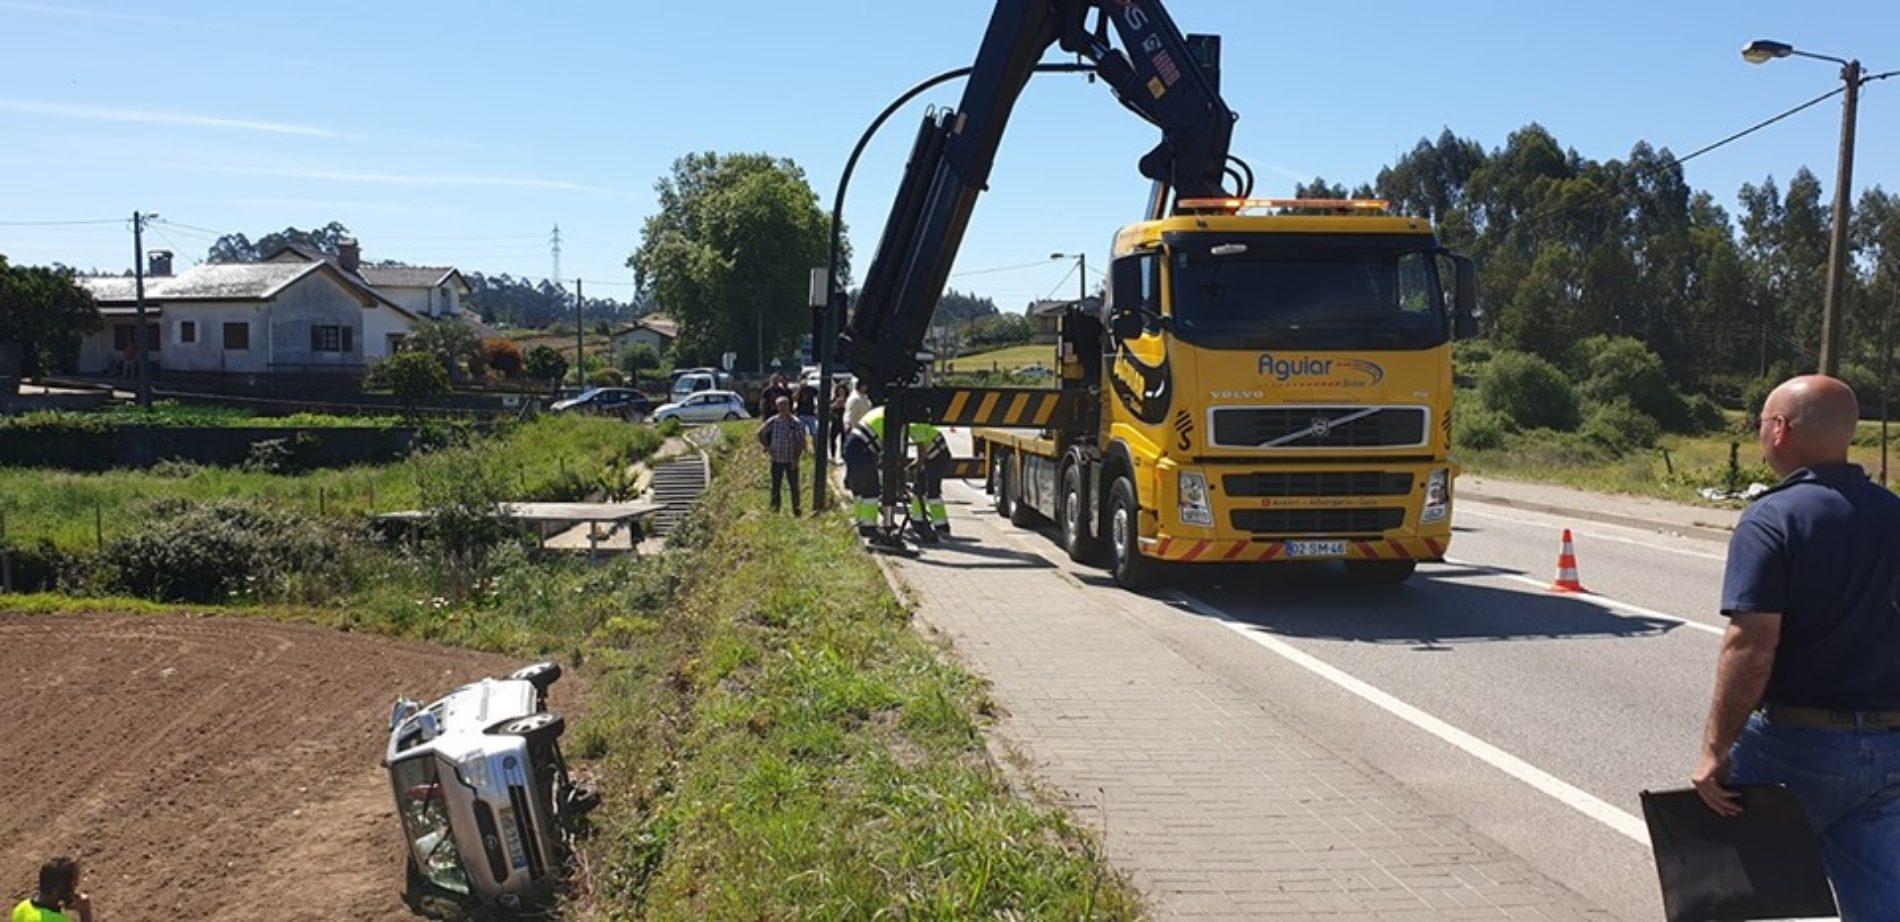 Dois feridos em colisão no IC2 em Albergaria-a-Velha